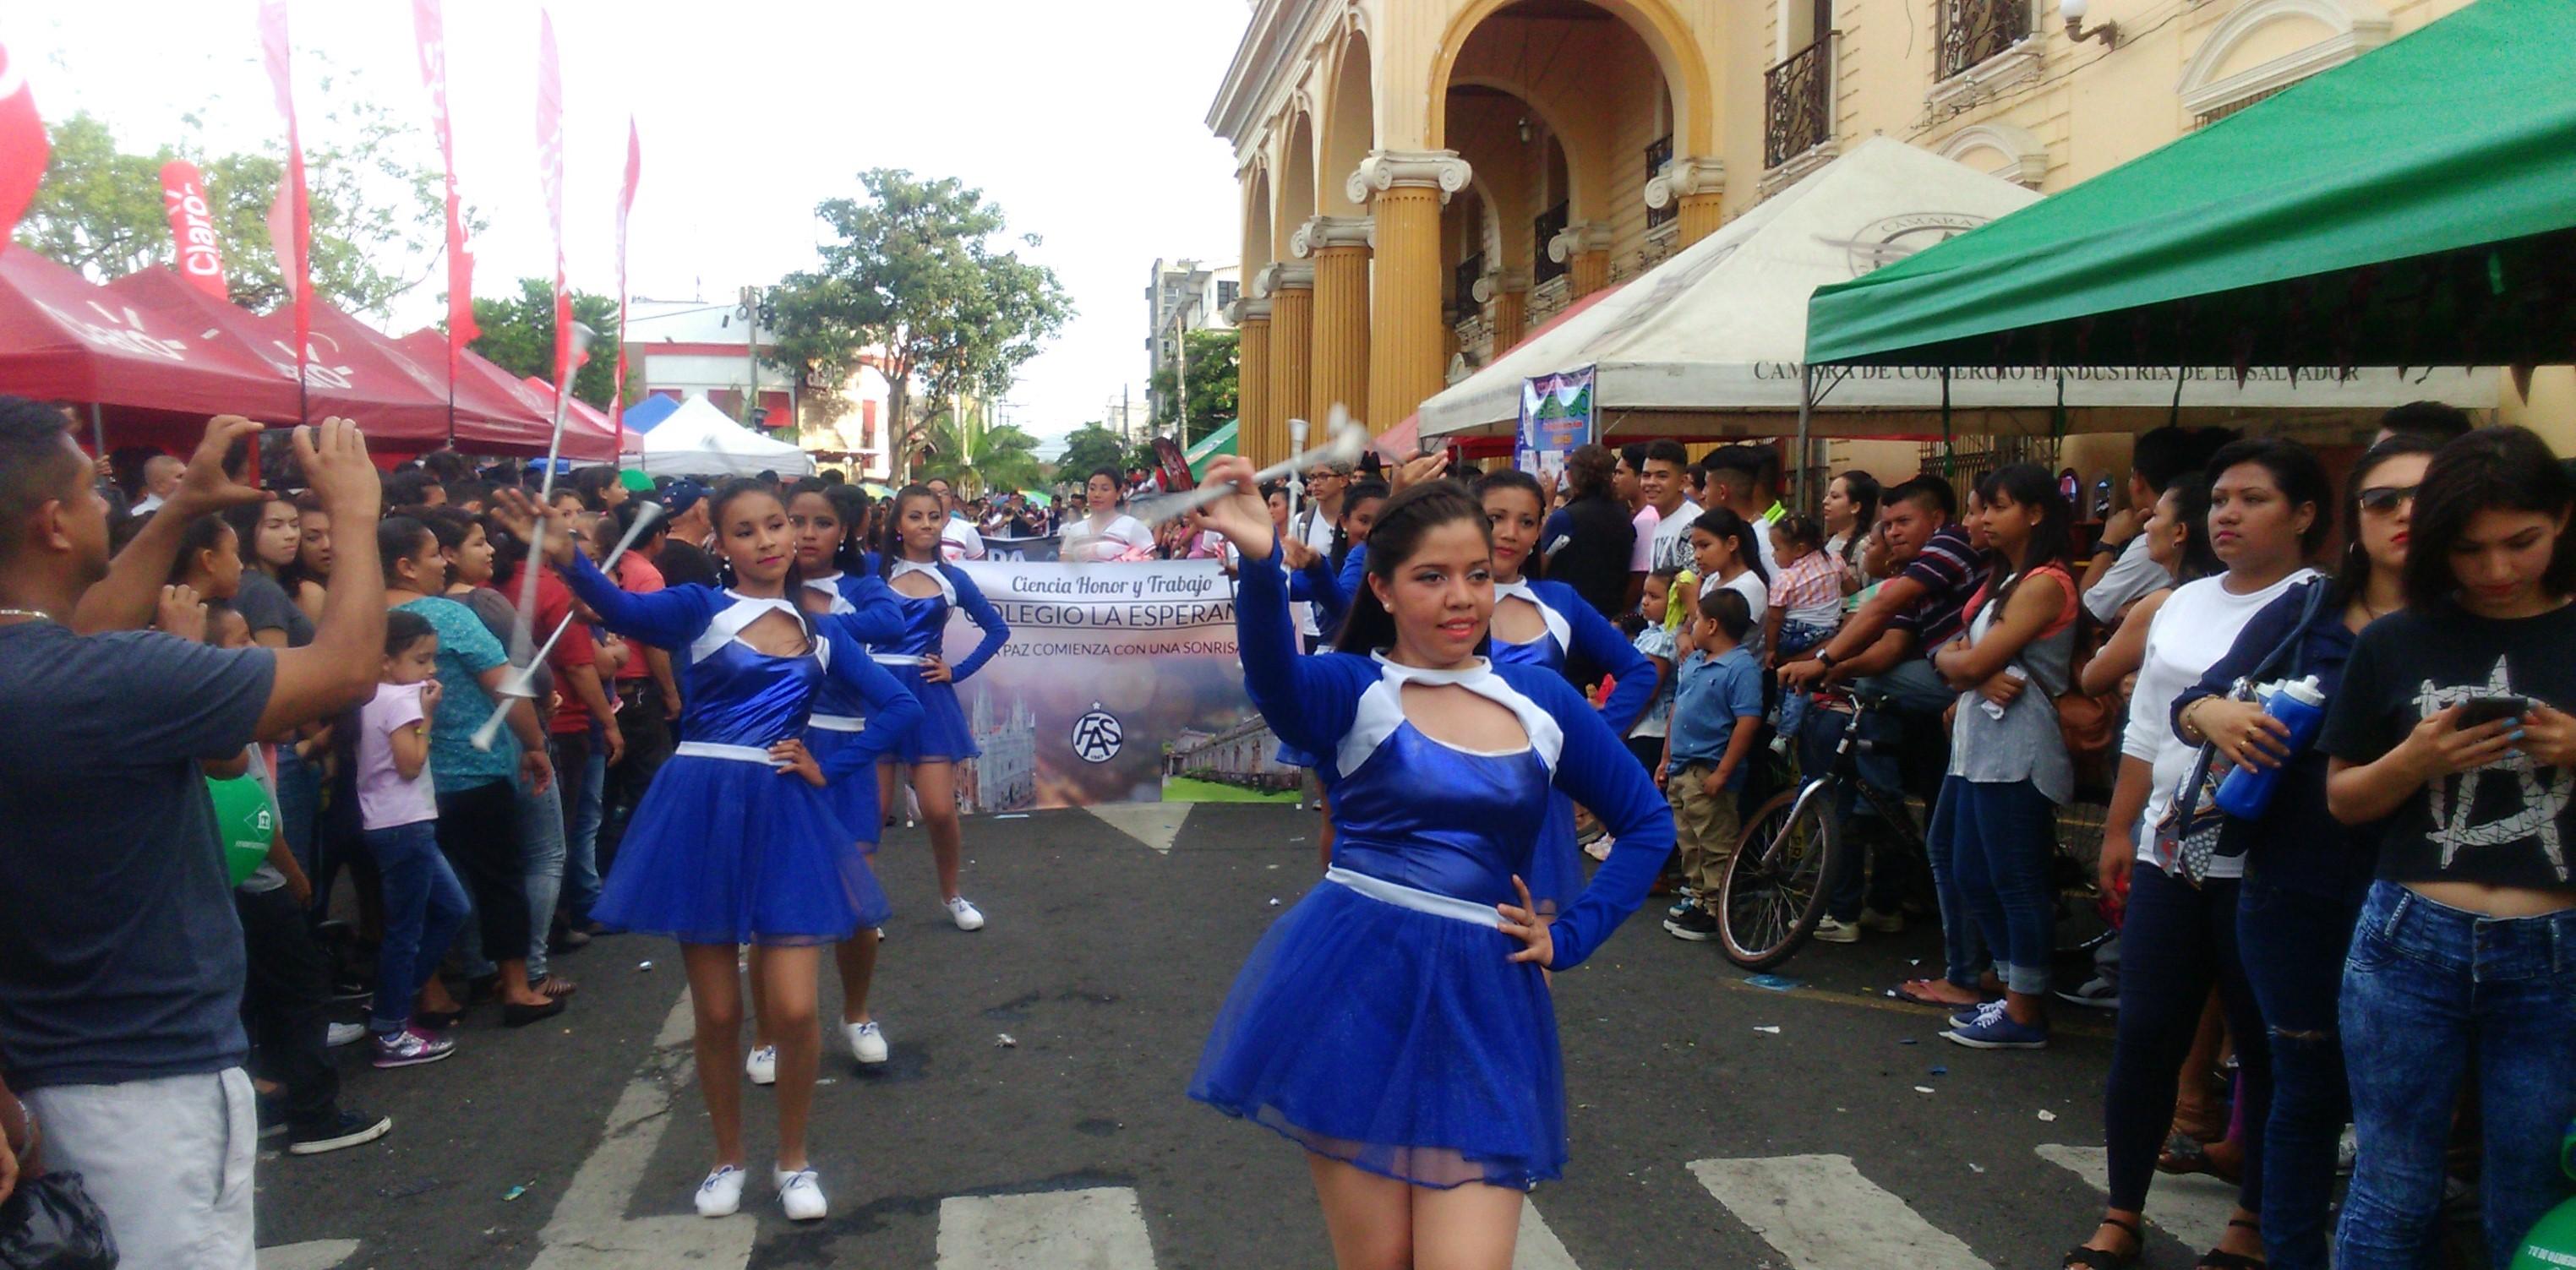 Santanecos disfrutaron del Desfile del Comercio